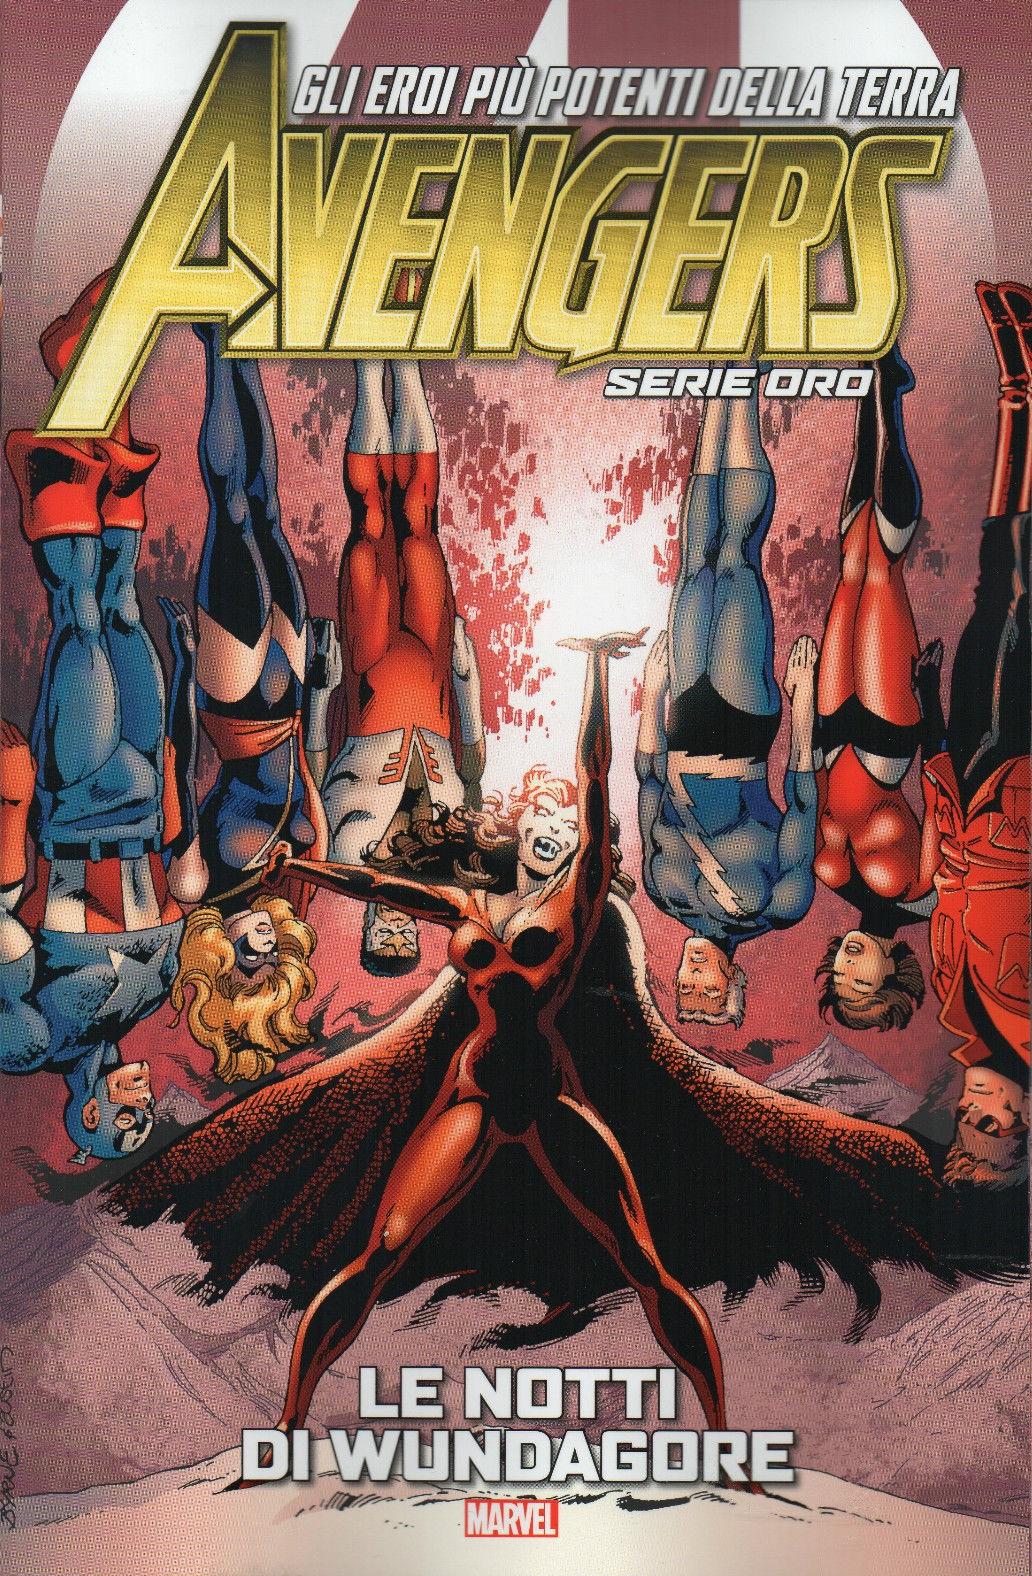 Avengers - Serie Oro vol. 6